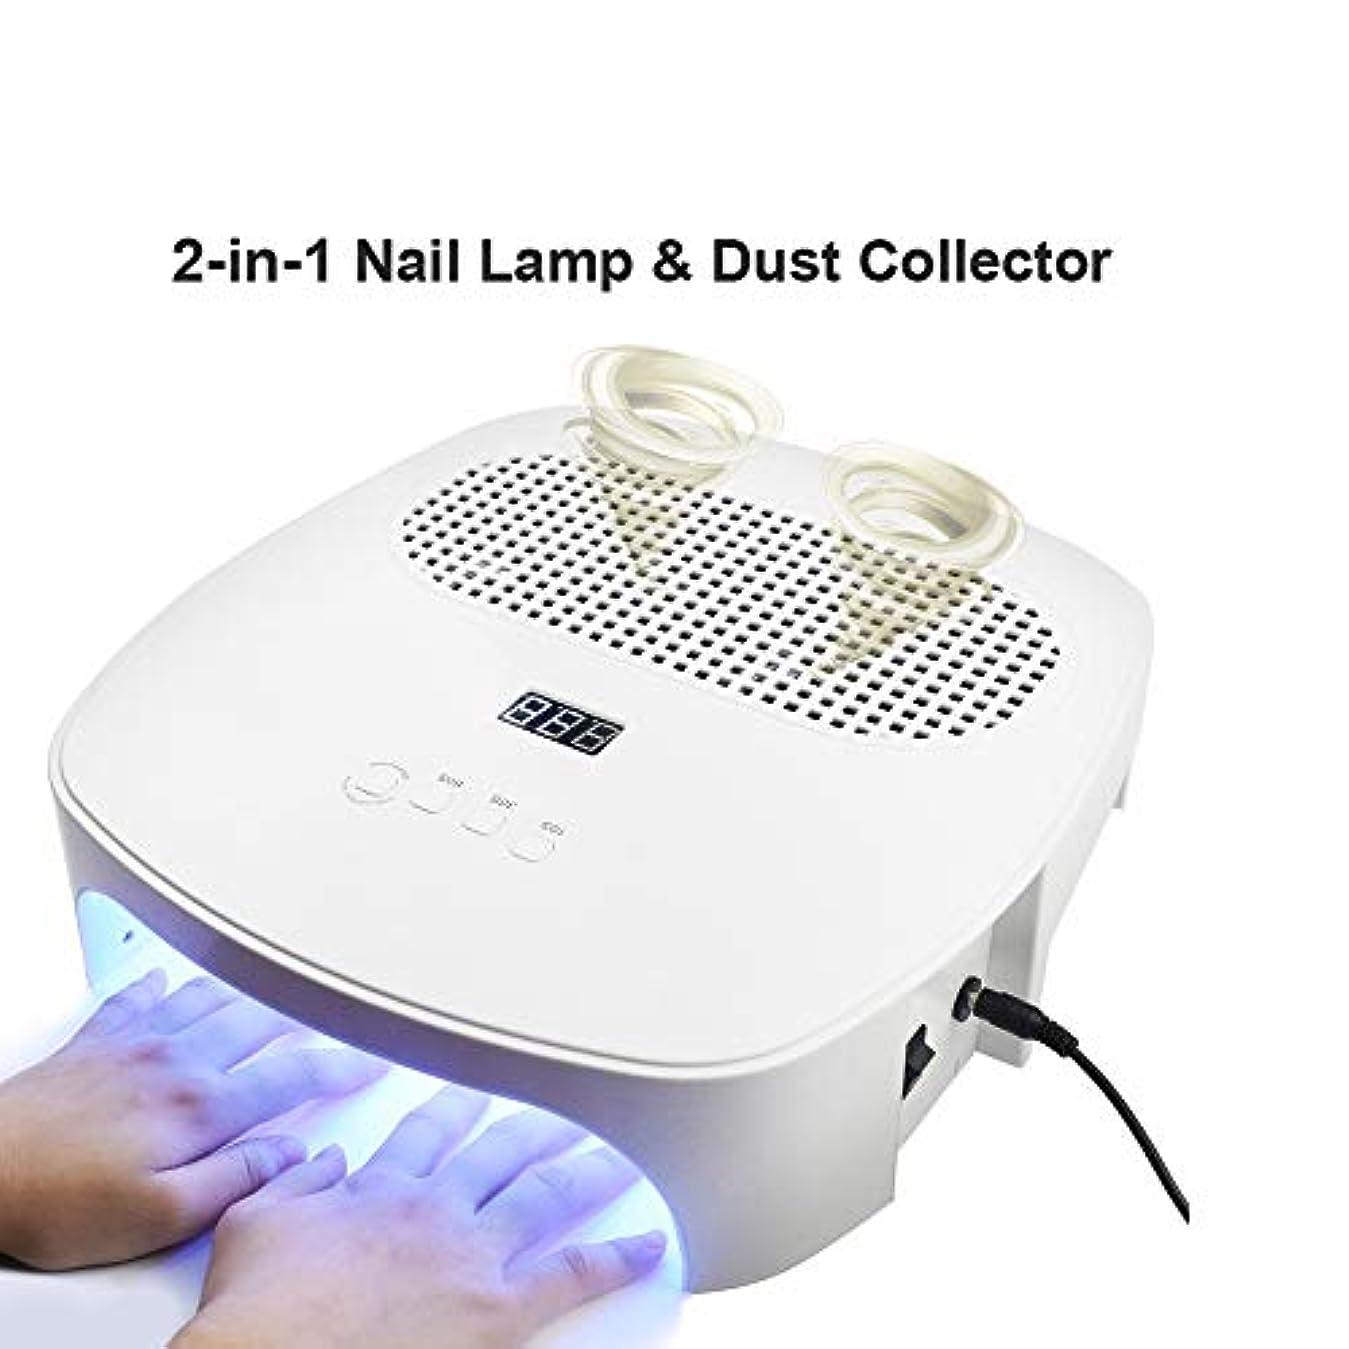 戻る深めるみなす2 in 1 爪 ランプ そして 80W 爪 集塵機 と 2強力なファン 120W-42個 LED ネイルドライヤー 掃除機 マニキュア 道具